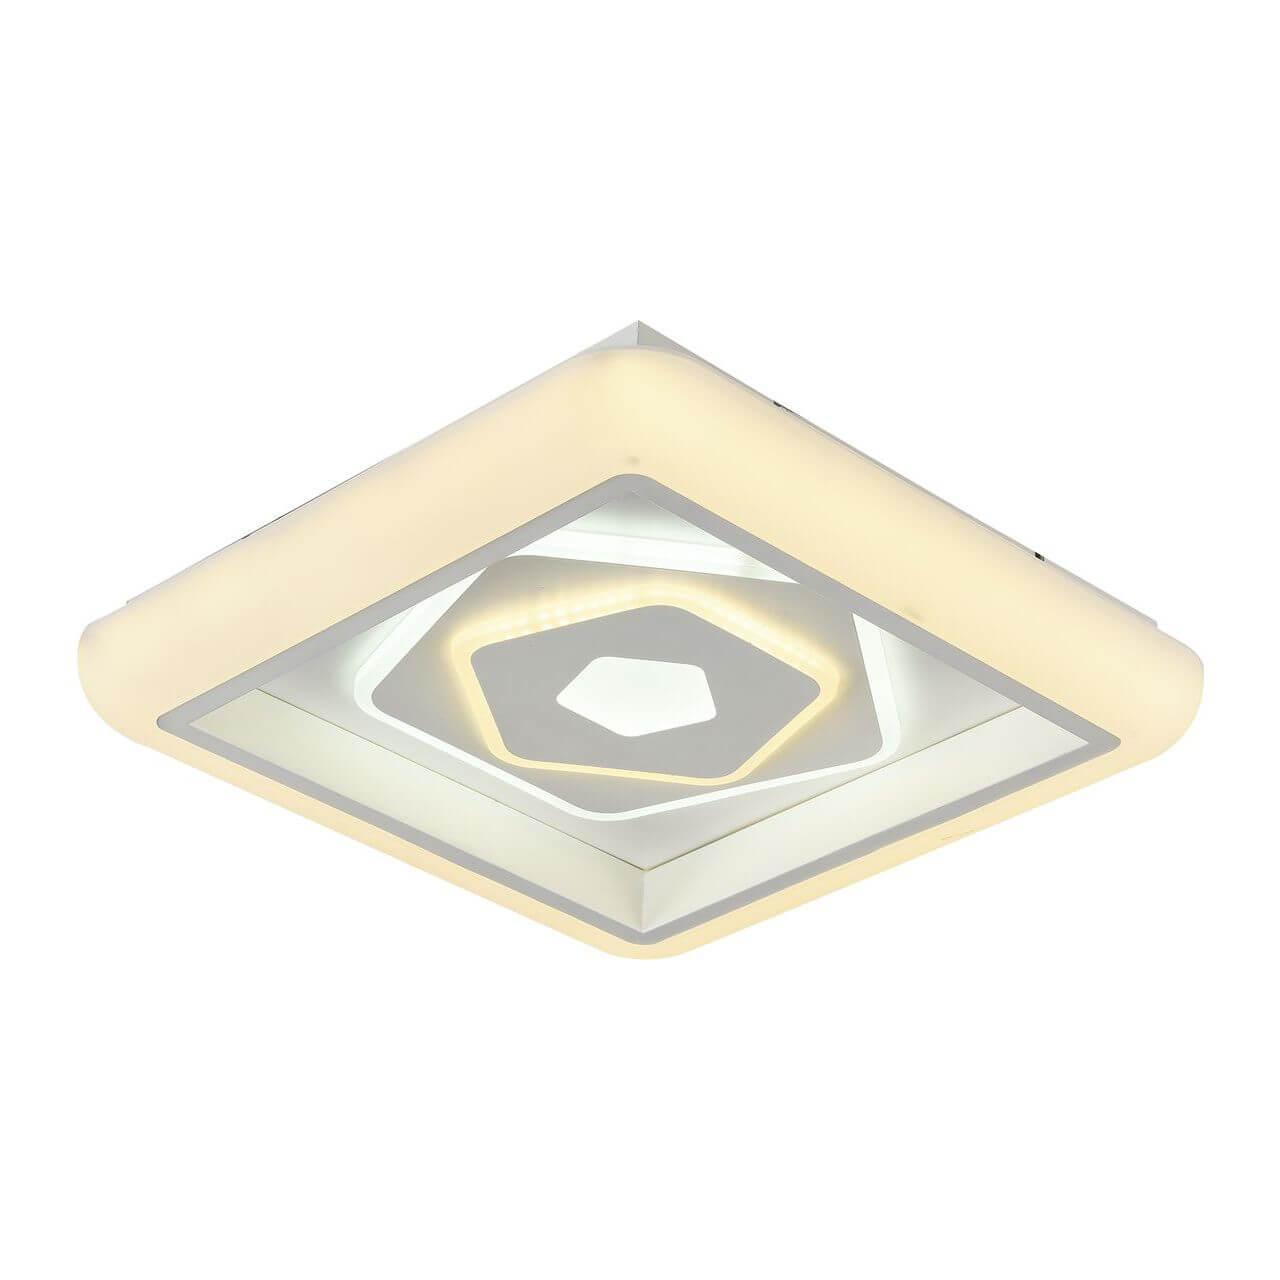 Потолочный светильник F-Promo 2284-5C, LED, 70 Вт светильник favourite ledolution 2283 5c